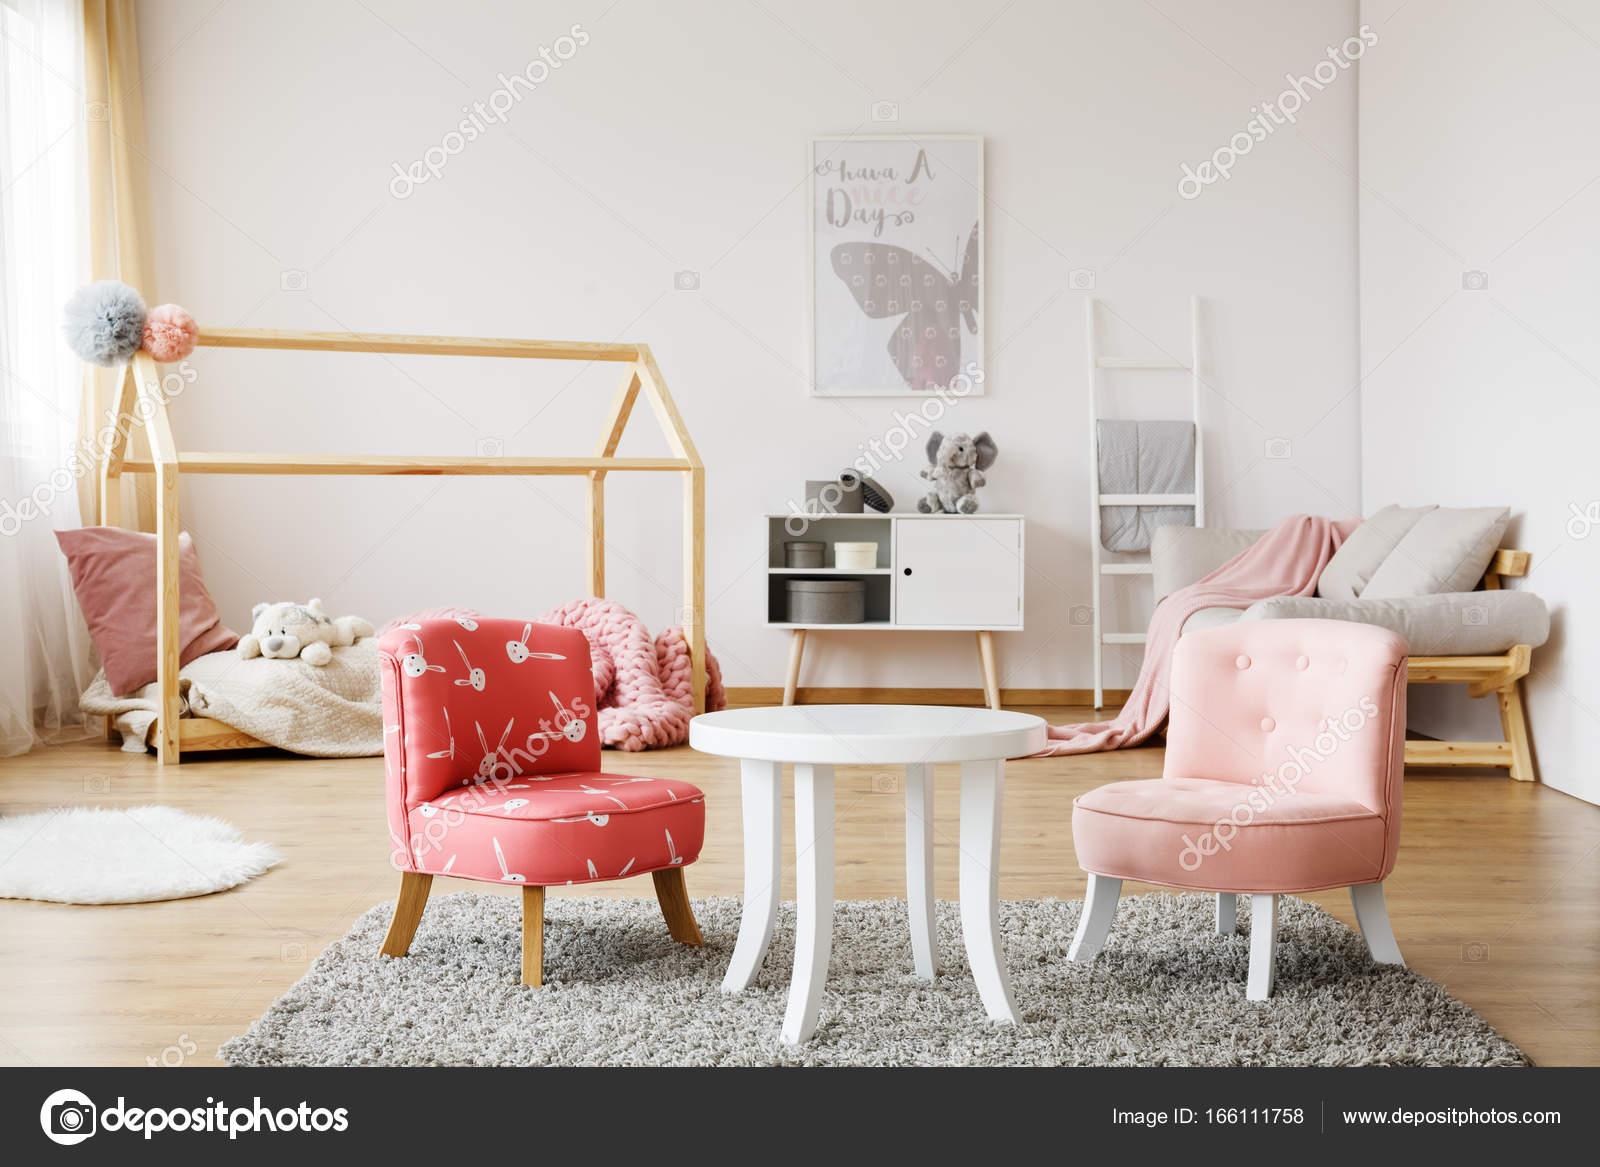 Petites Chaises Colorées Avec Une Table Basse Blanc Sur Gris Tapis Dans La  Chambre Du0027enfant Style Scandinave U2014 Image De ...